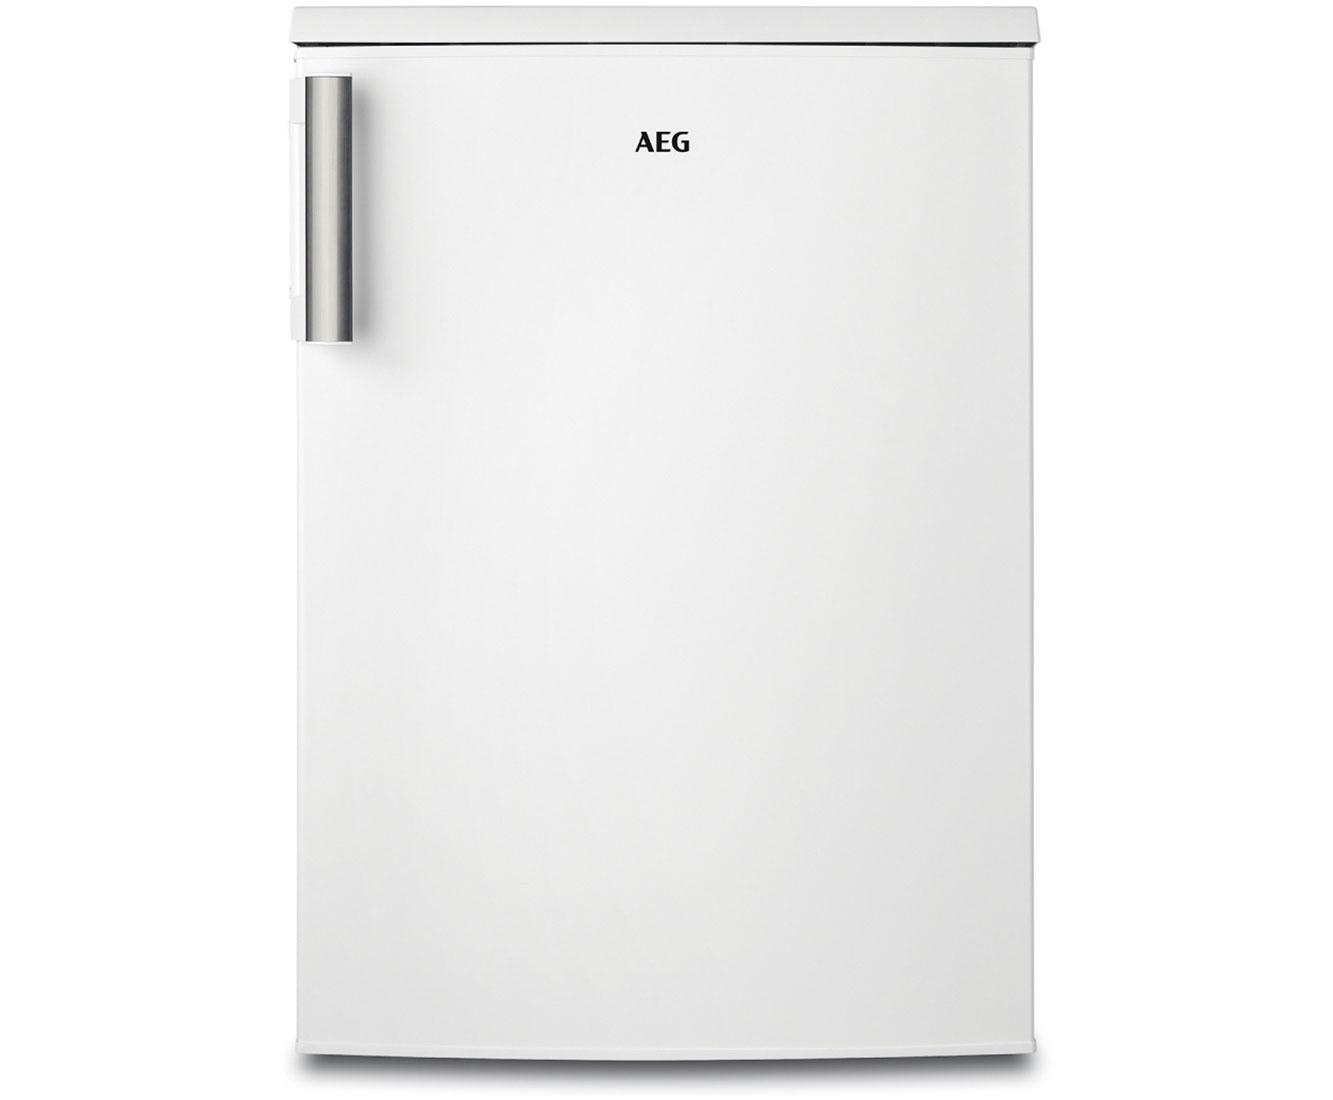 AEG SANTO RTB81421AW Kühlschrank mit Gefrierfach - Weiß, A++